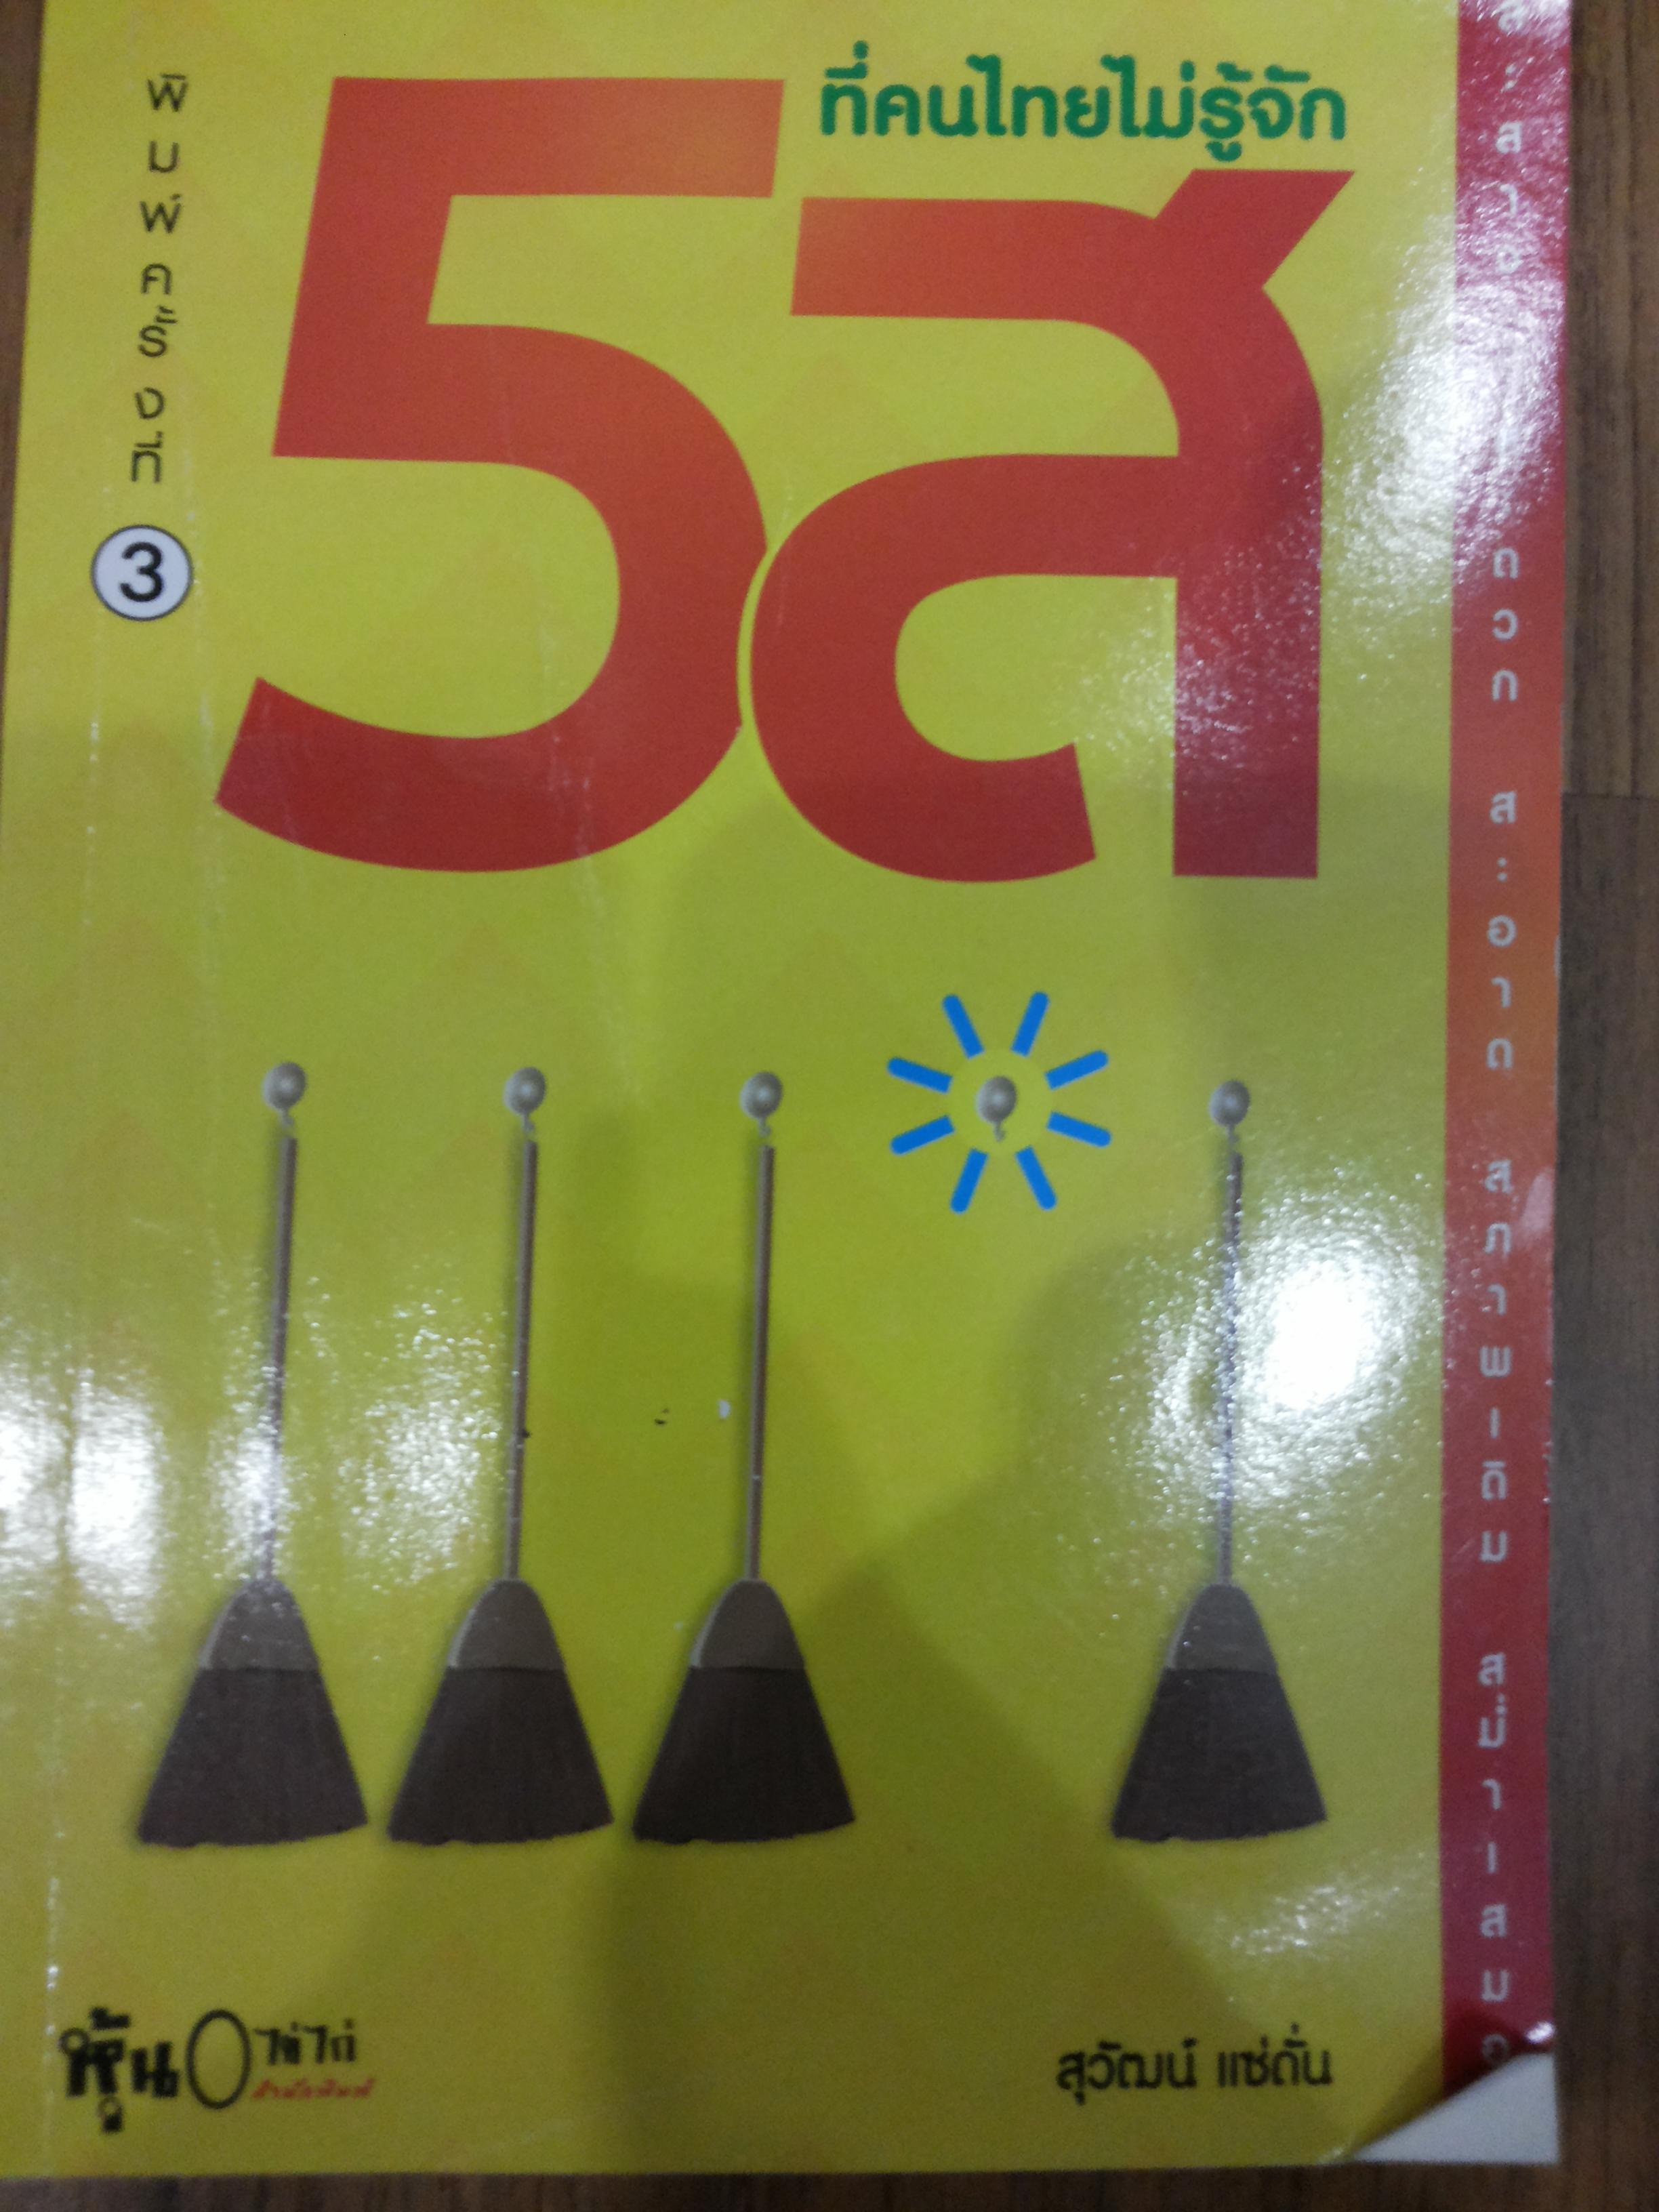 5ส ที่คนไทยไม่รู้จัก